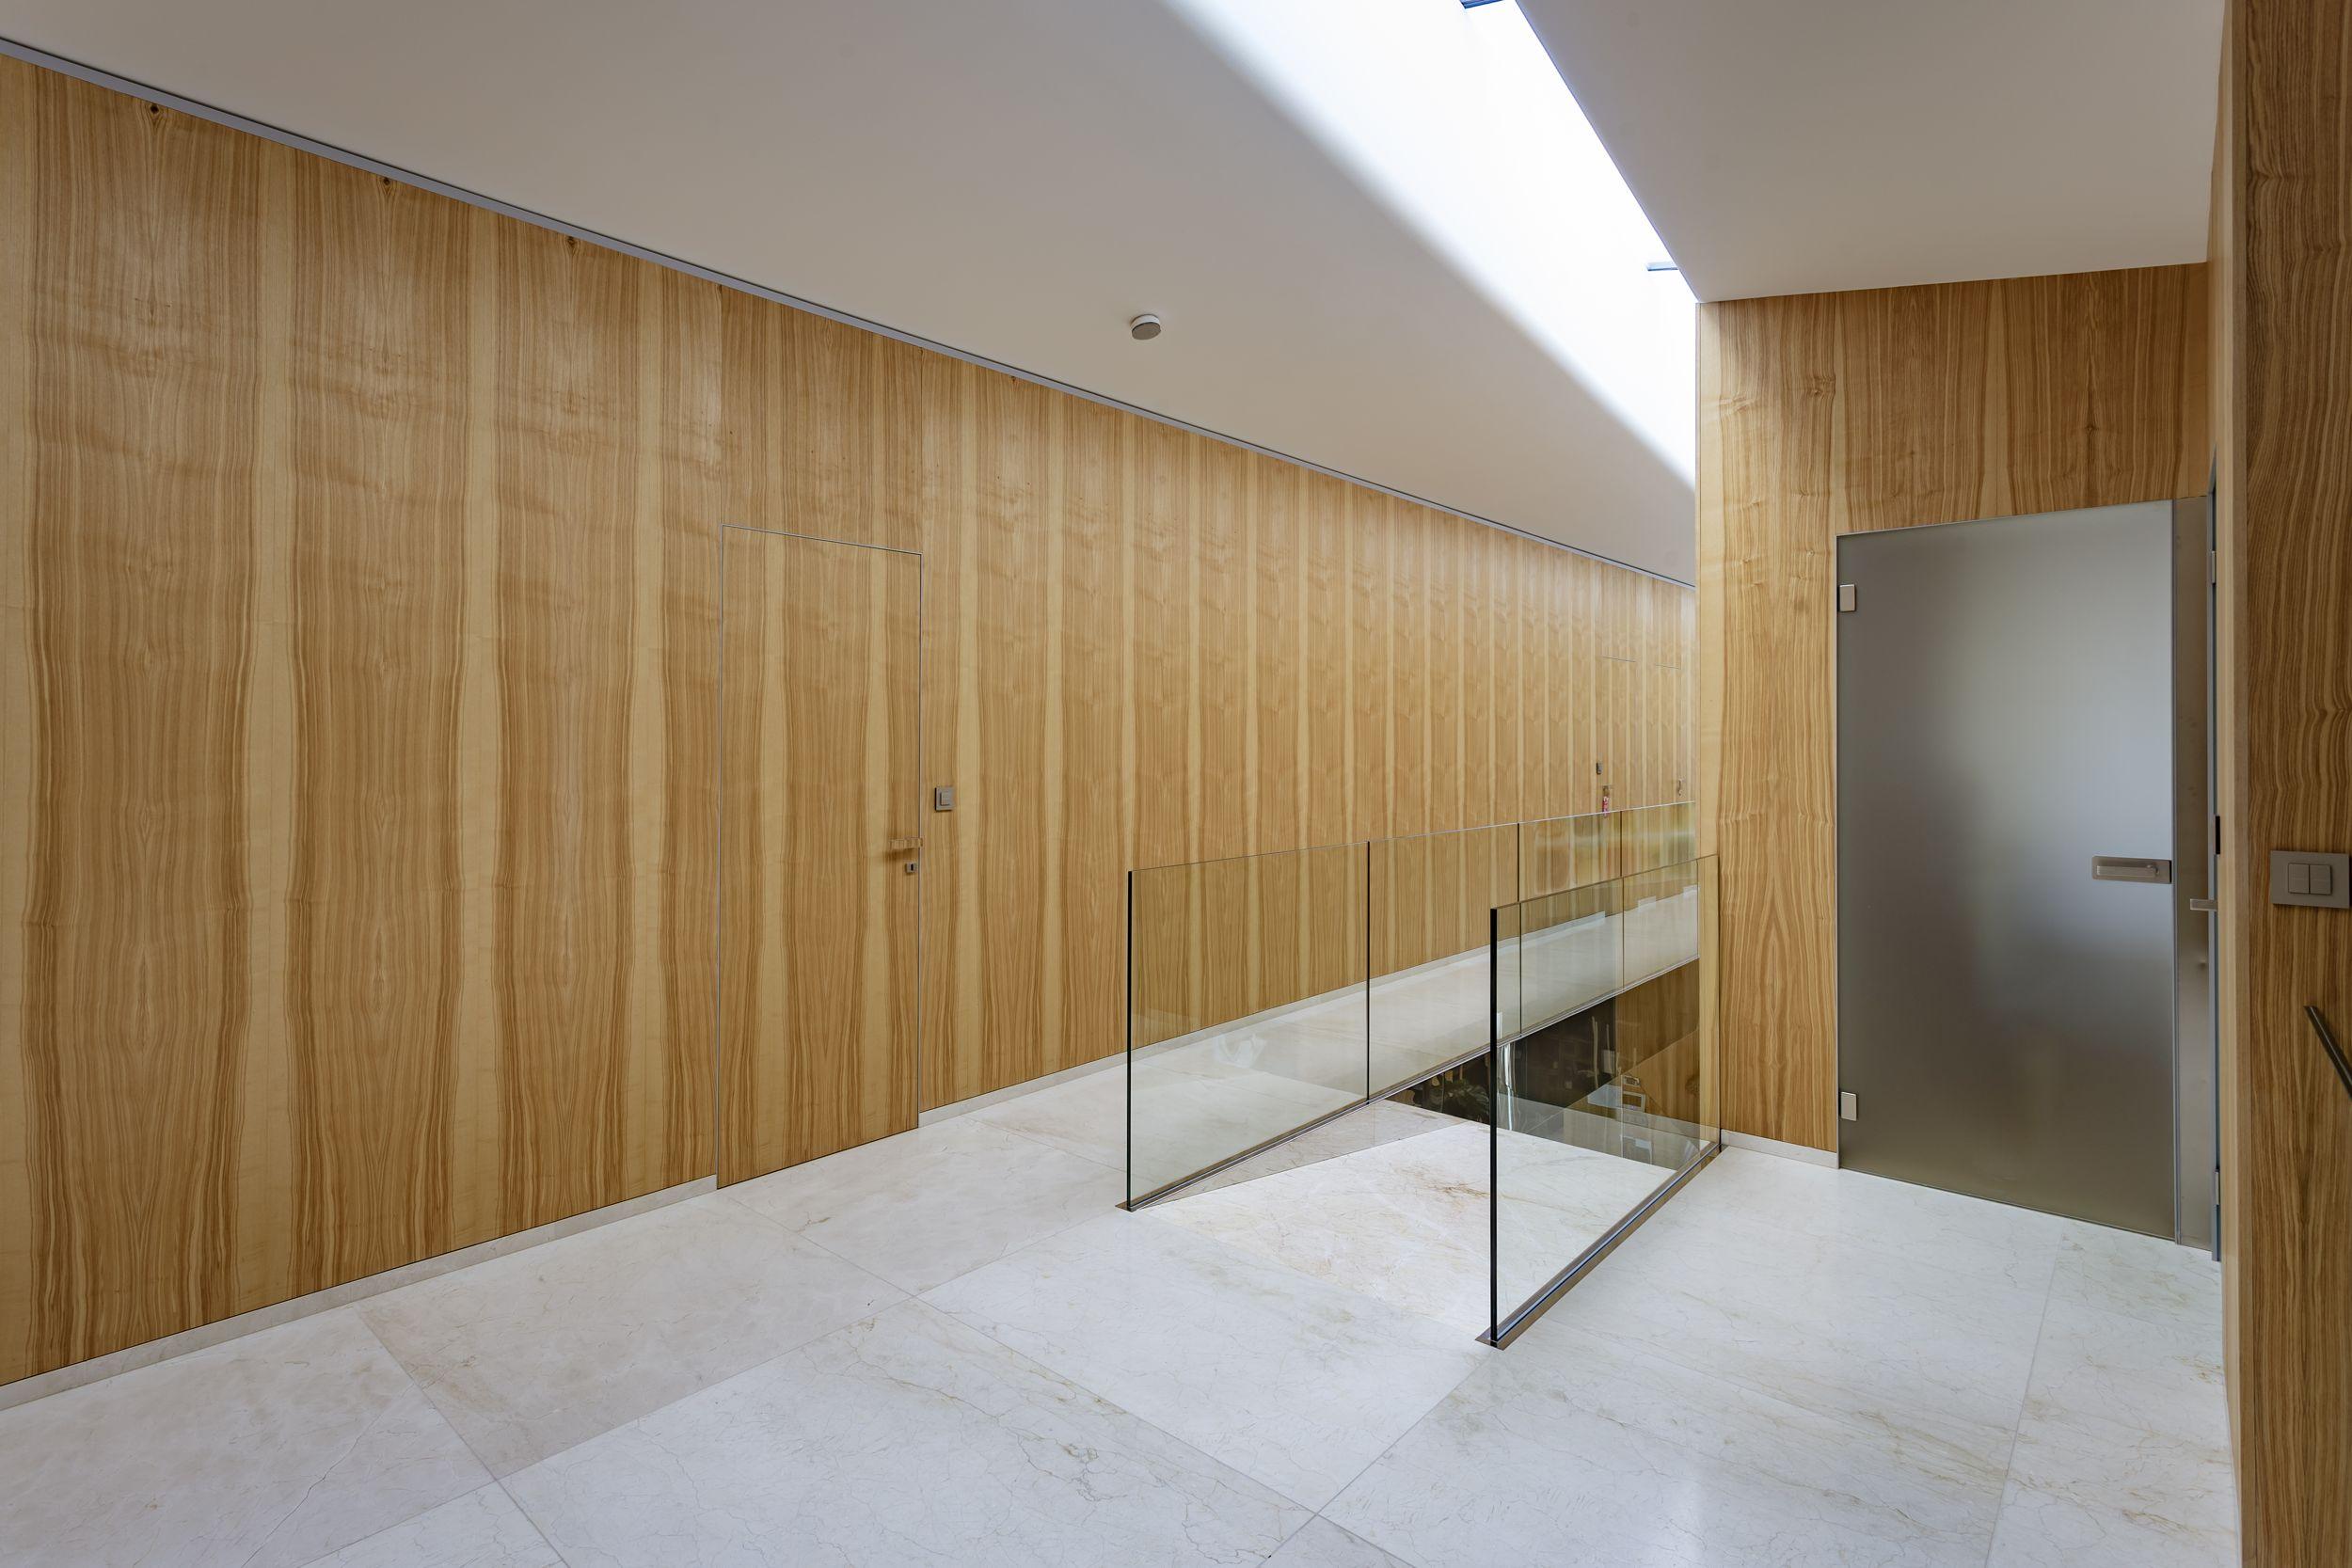 Téměř neviditelné dveře ve skryté zárubni. Skryté v dřevěném obkladu.